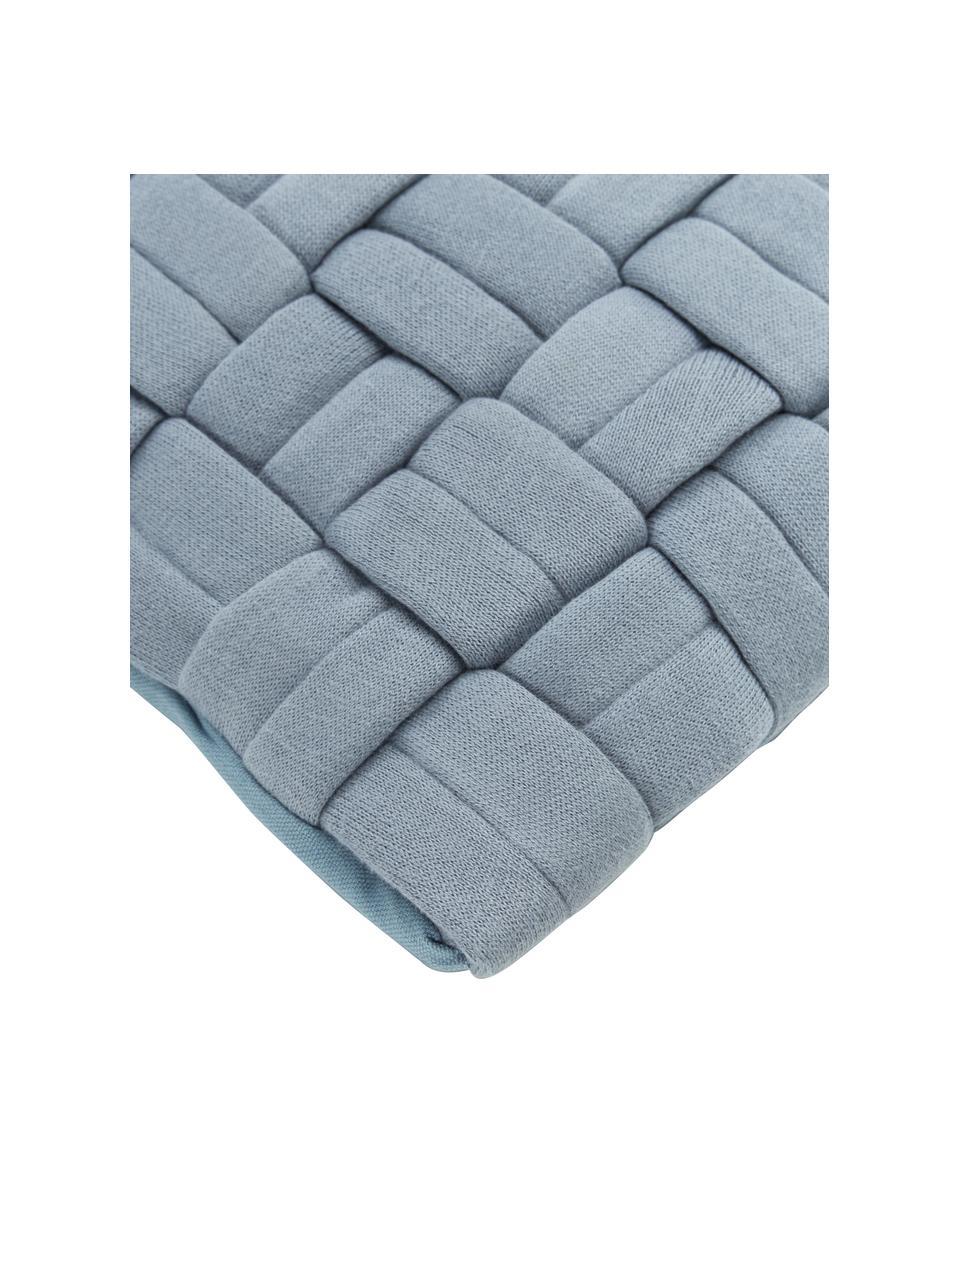 Housse de coussin 40x40 bleu Norman, Bleu